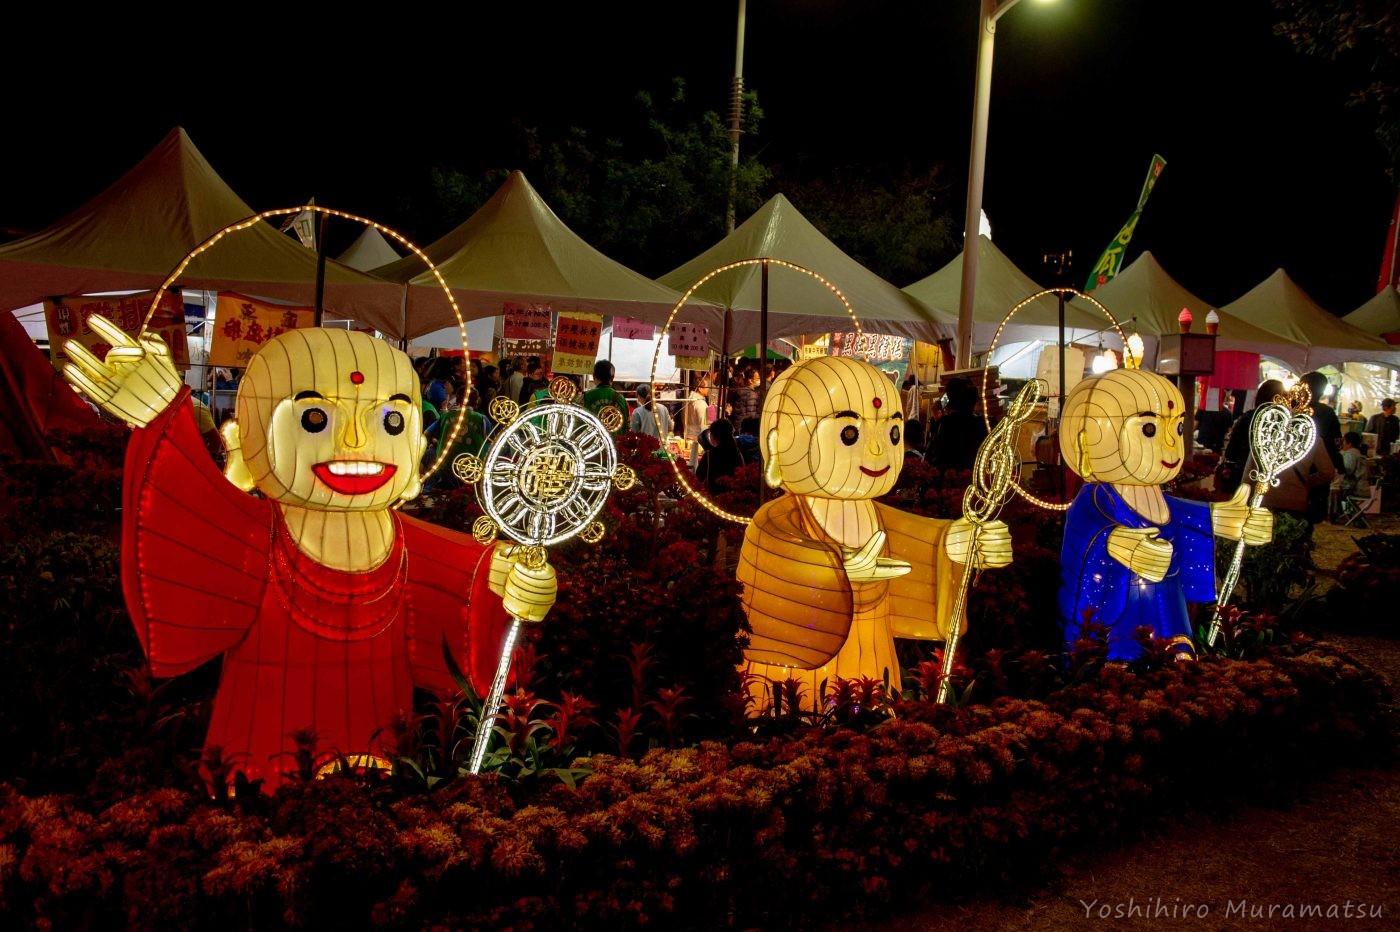 祭りの風景。宗教かお寺のお坊さんの光るオブジェ。